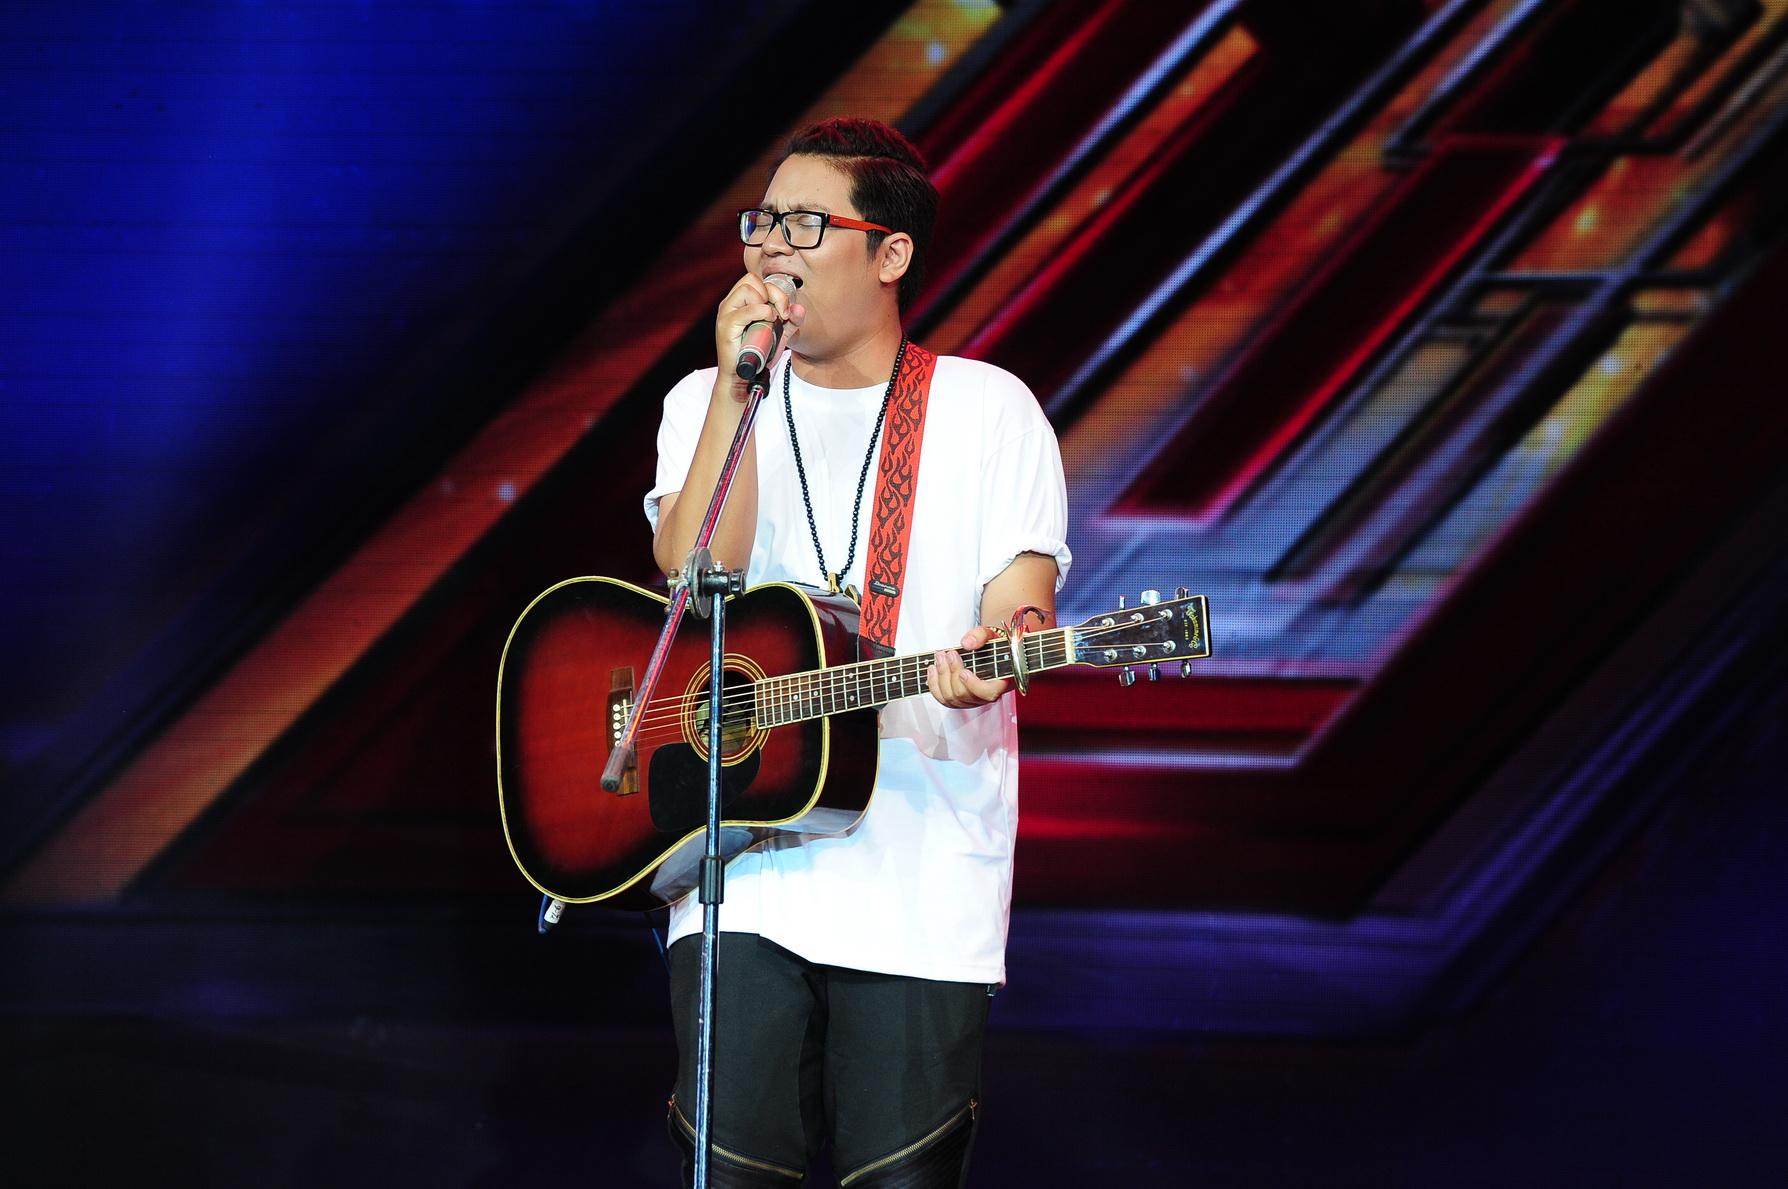 Thí sinh trình diễn đầu tiên: Trương Phước Lộc, anh mang đến một ca khúc do chính mình sáng tác: Hò líu xàng xê.